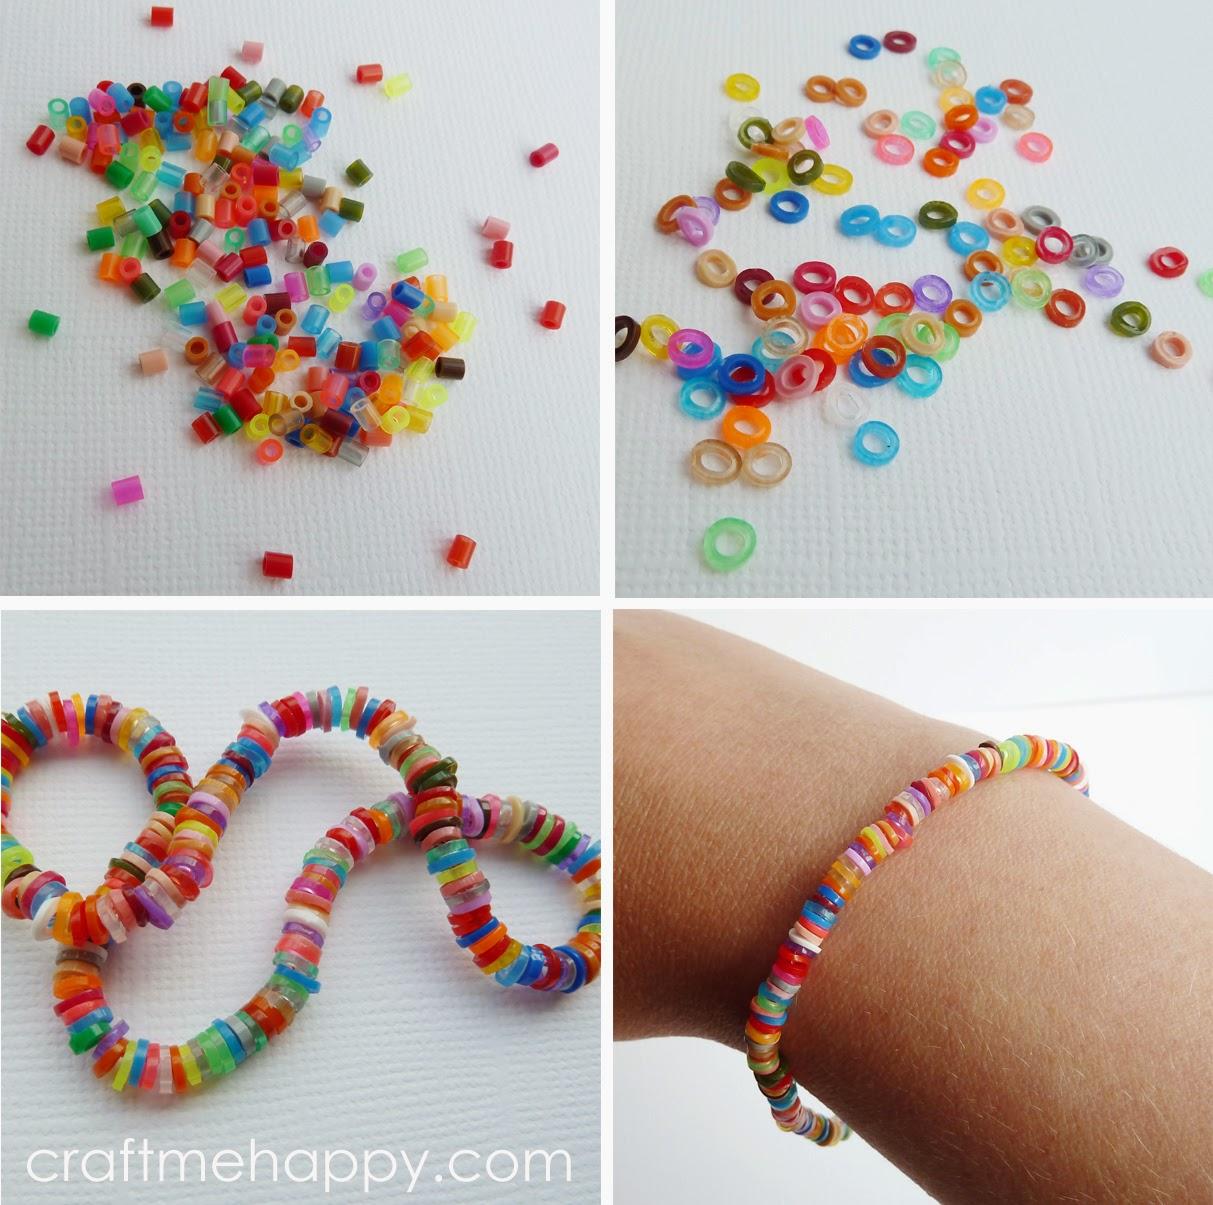 melting mini hama beads craft me happy melting mini